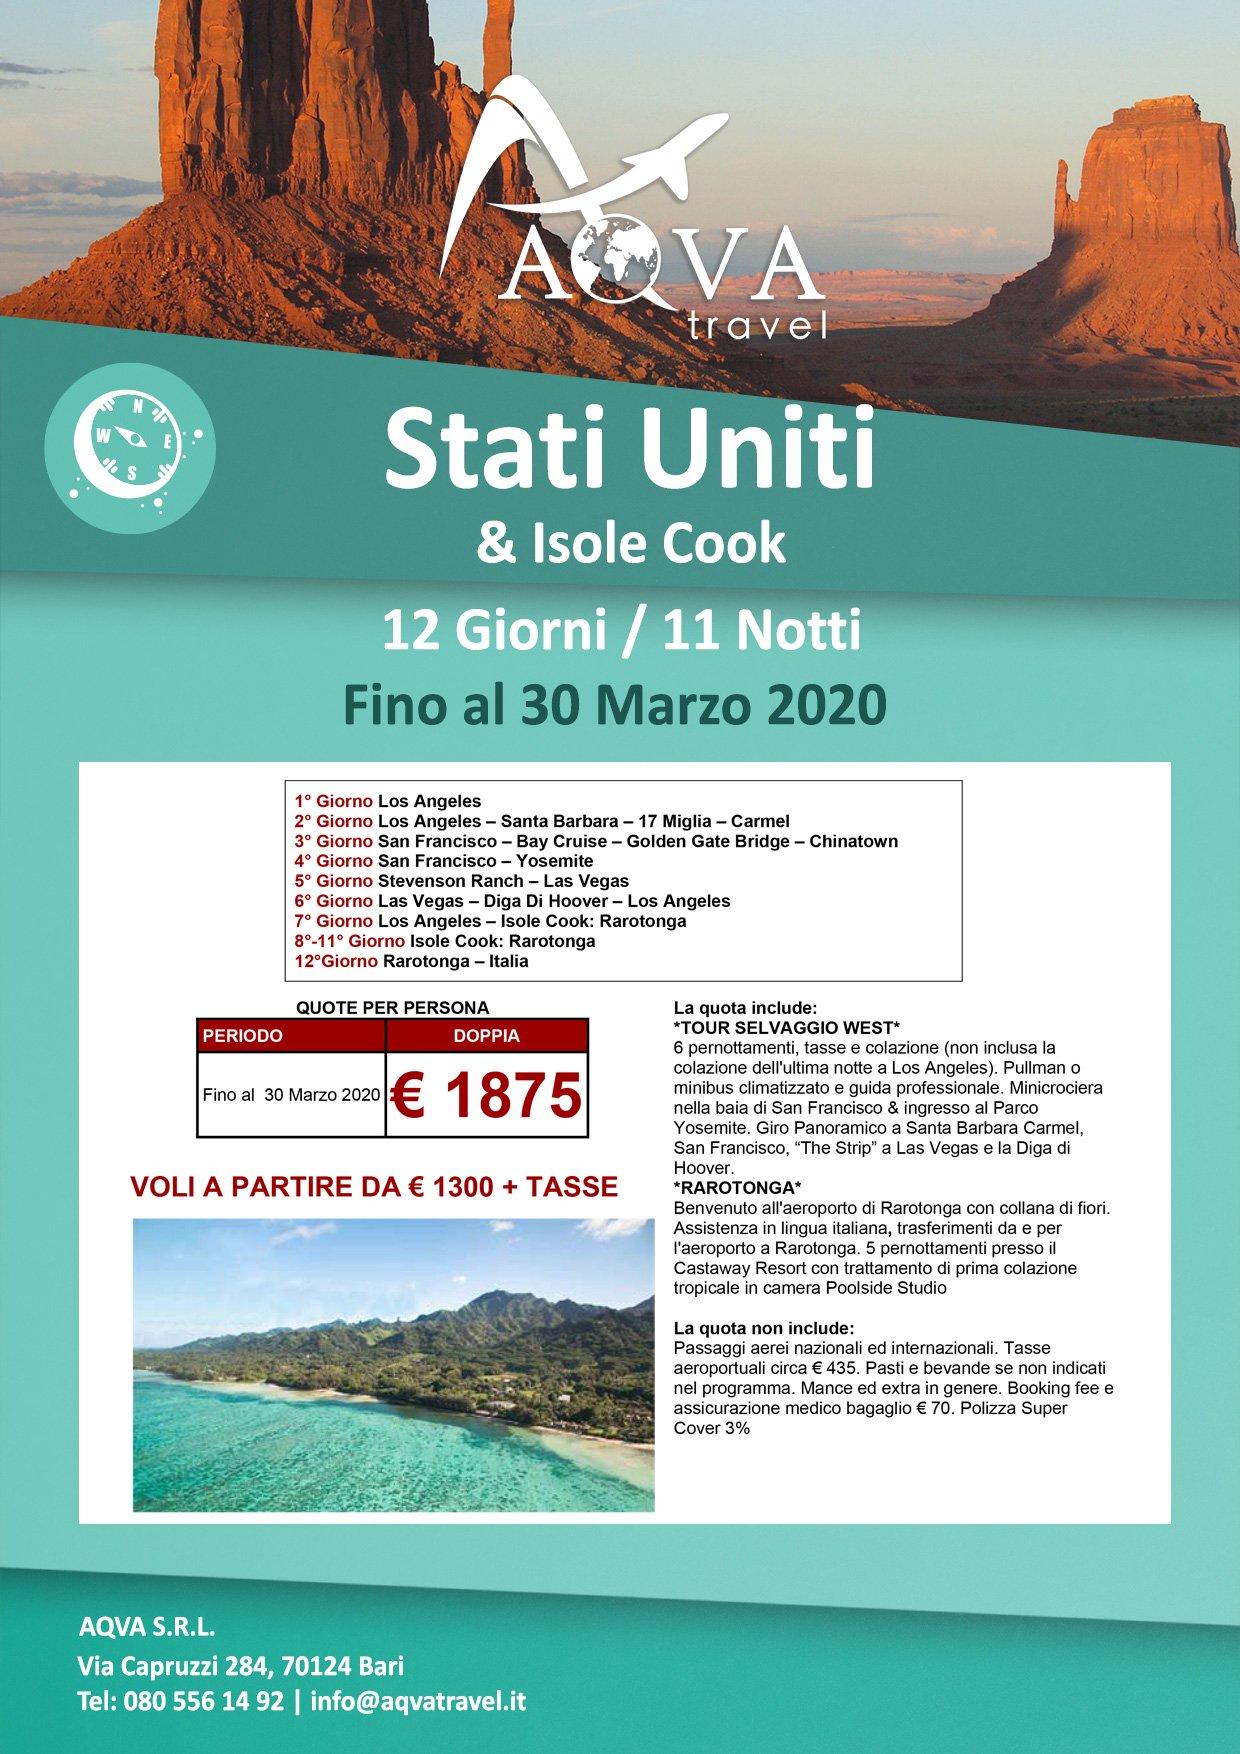 stati-uniti-offerte-agenzia-di-viaggi-Bari-AQVATRAVEL-it